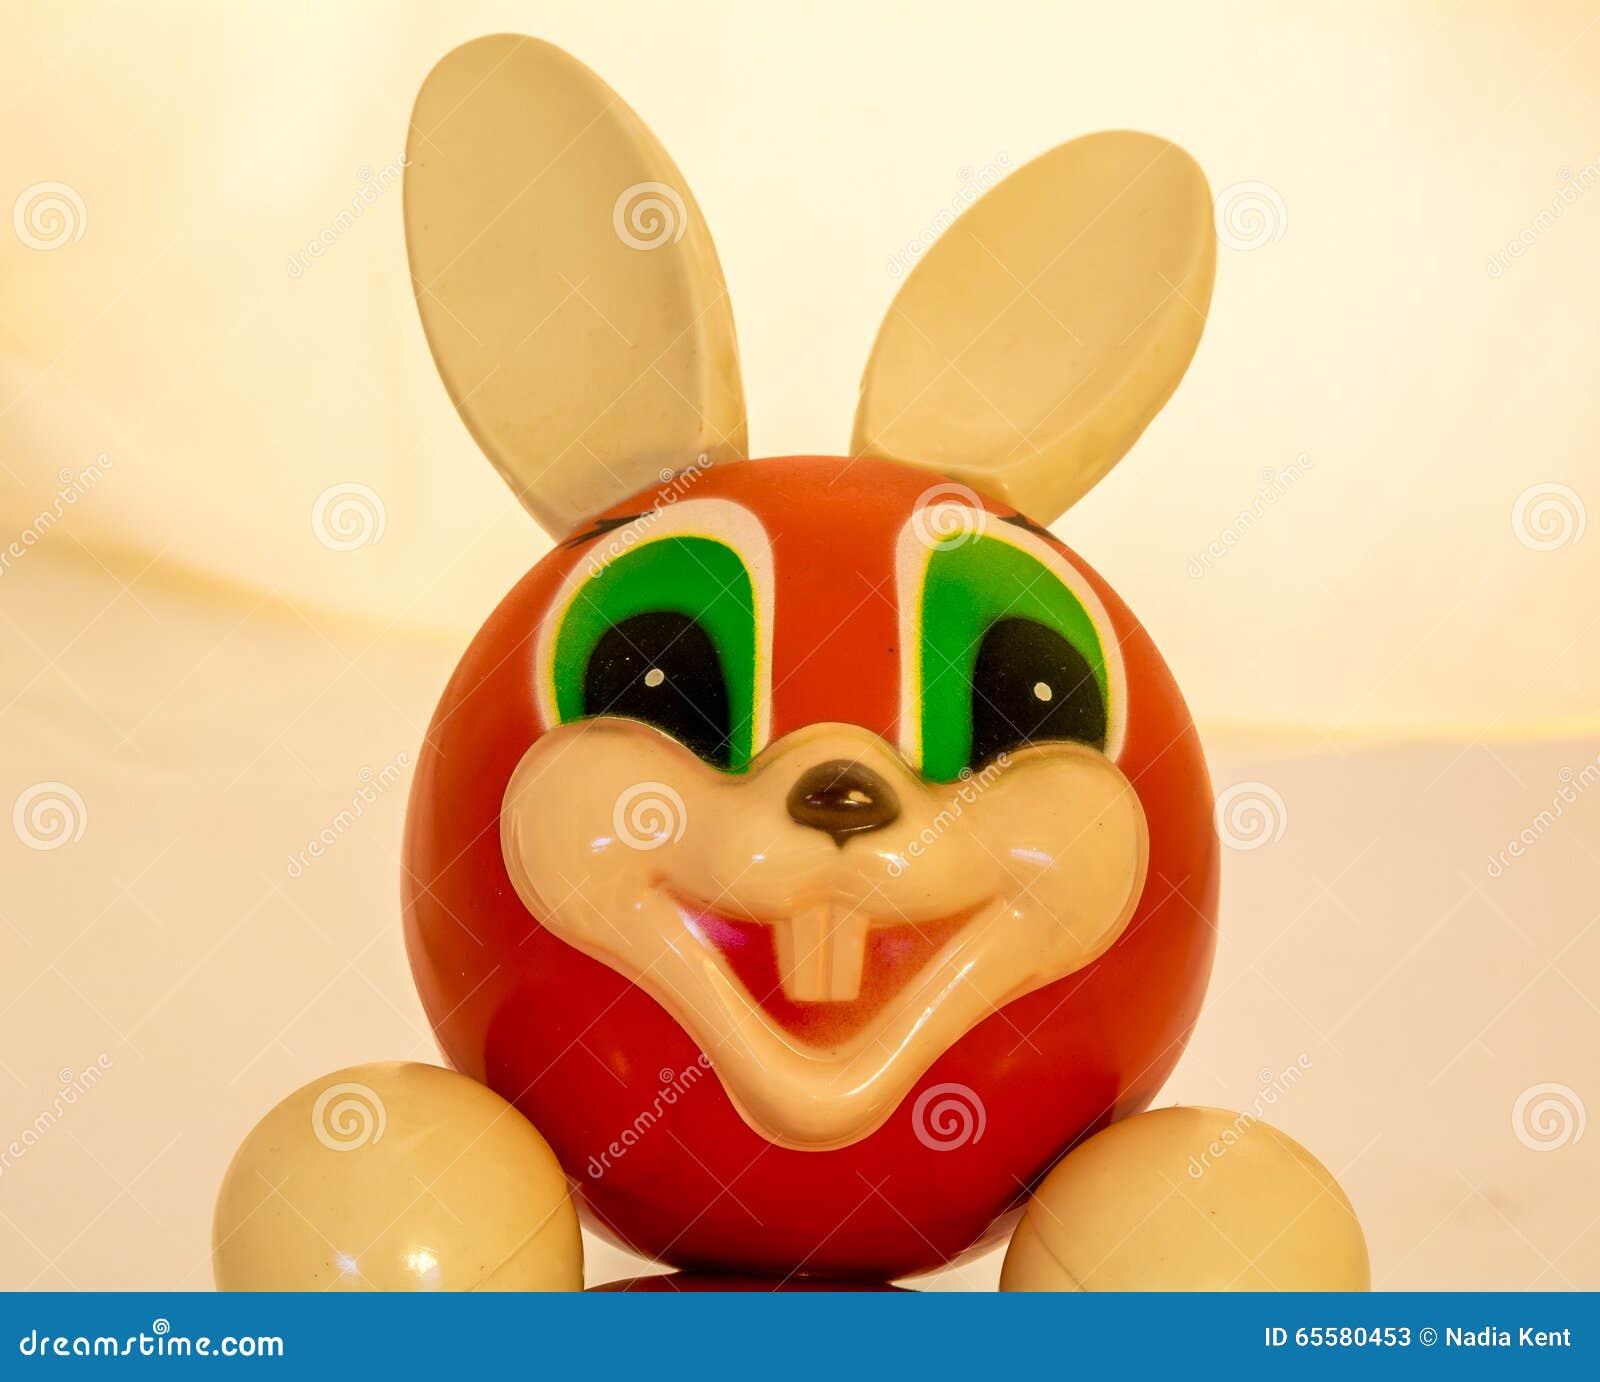 Roly Poly Bunny que sorri como o companheiro feliz